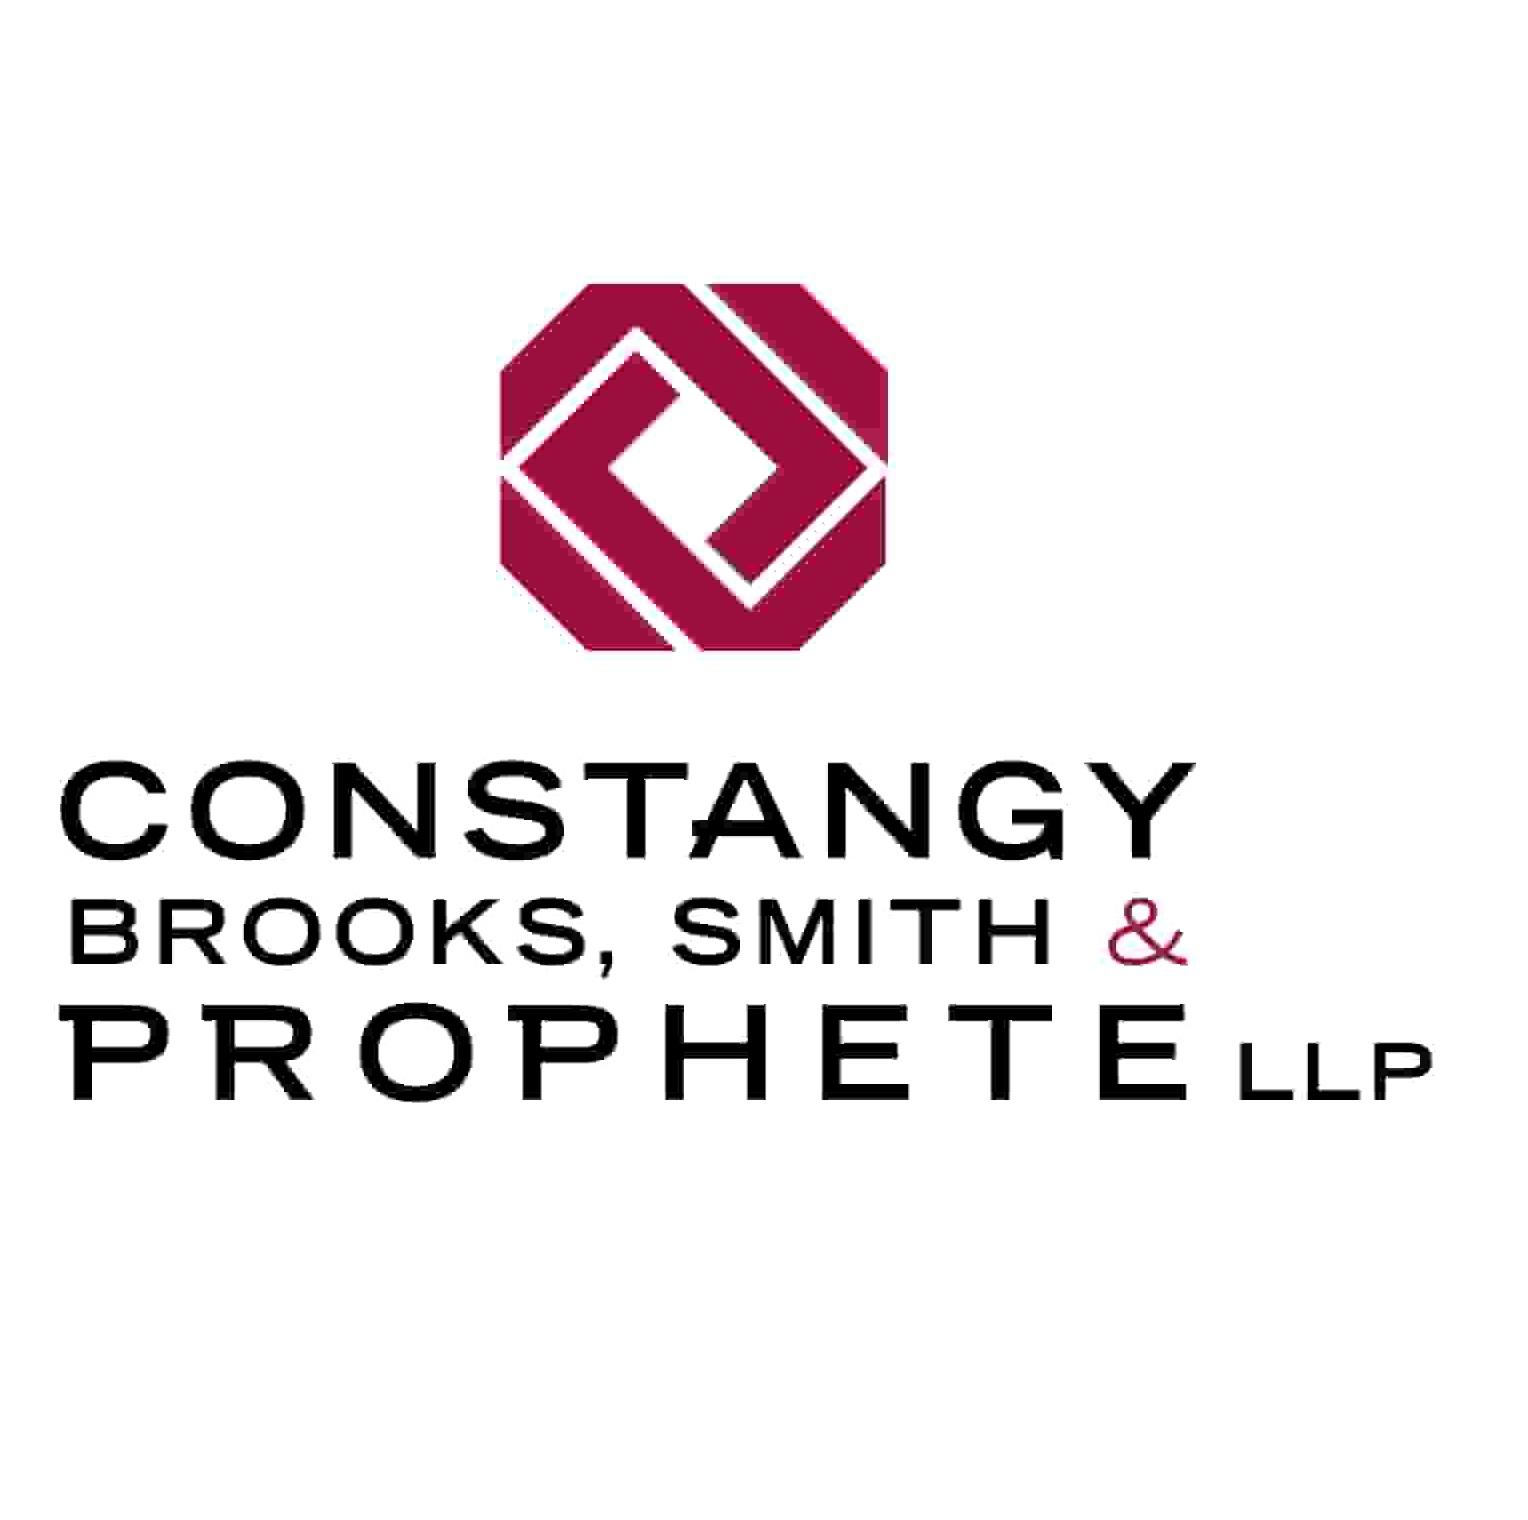 Constangy Brooks, Smith & Prophete LLP